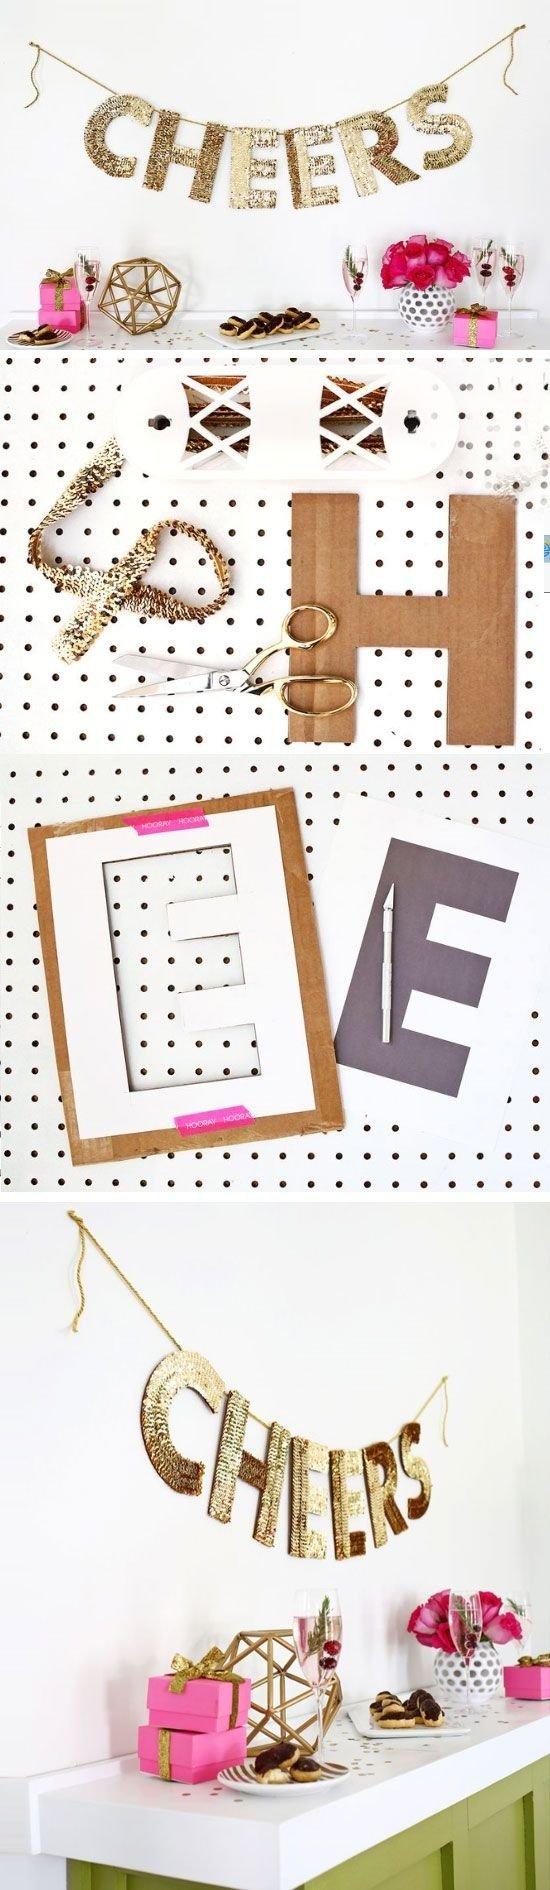 10 Lovable Last Minute New Years Eve Ideas 20 last minute new years eve party ideas garlands sequins and nye 2020